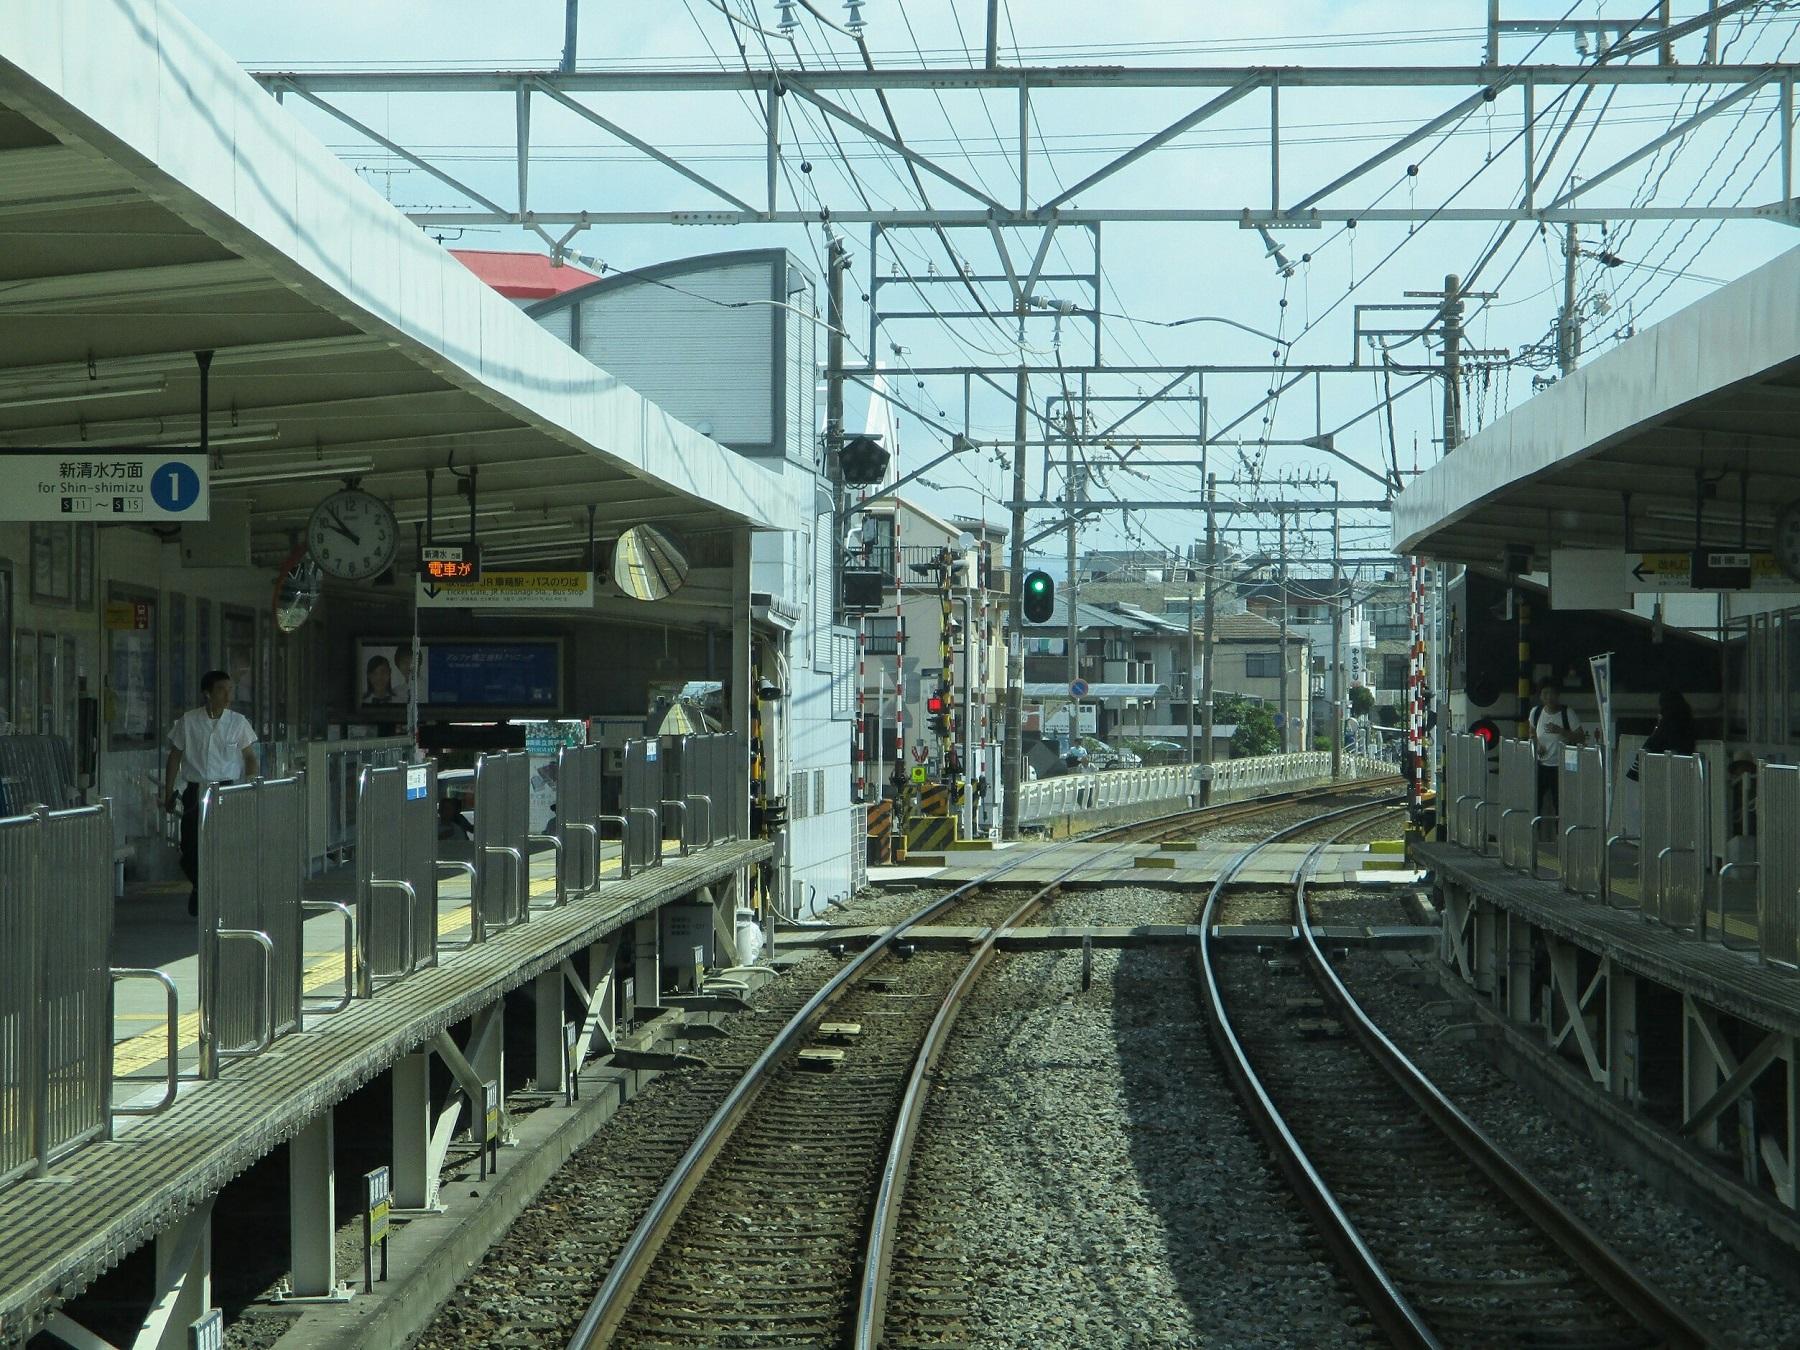 2018.8.10 (61) 新清水いきふつう - 草薙 1800-1350